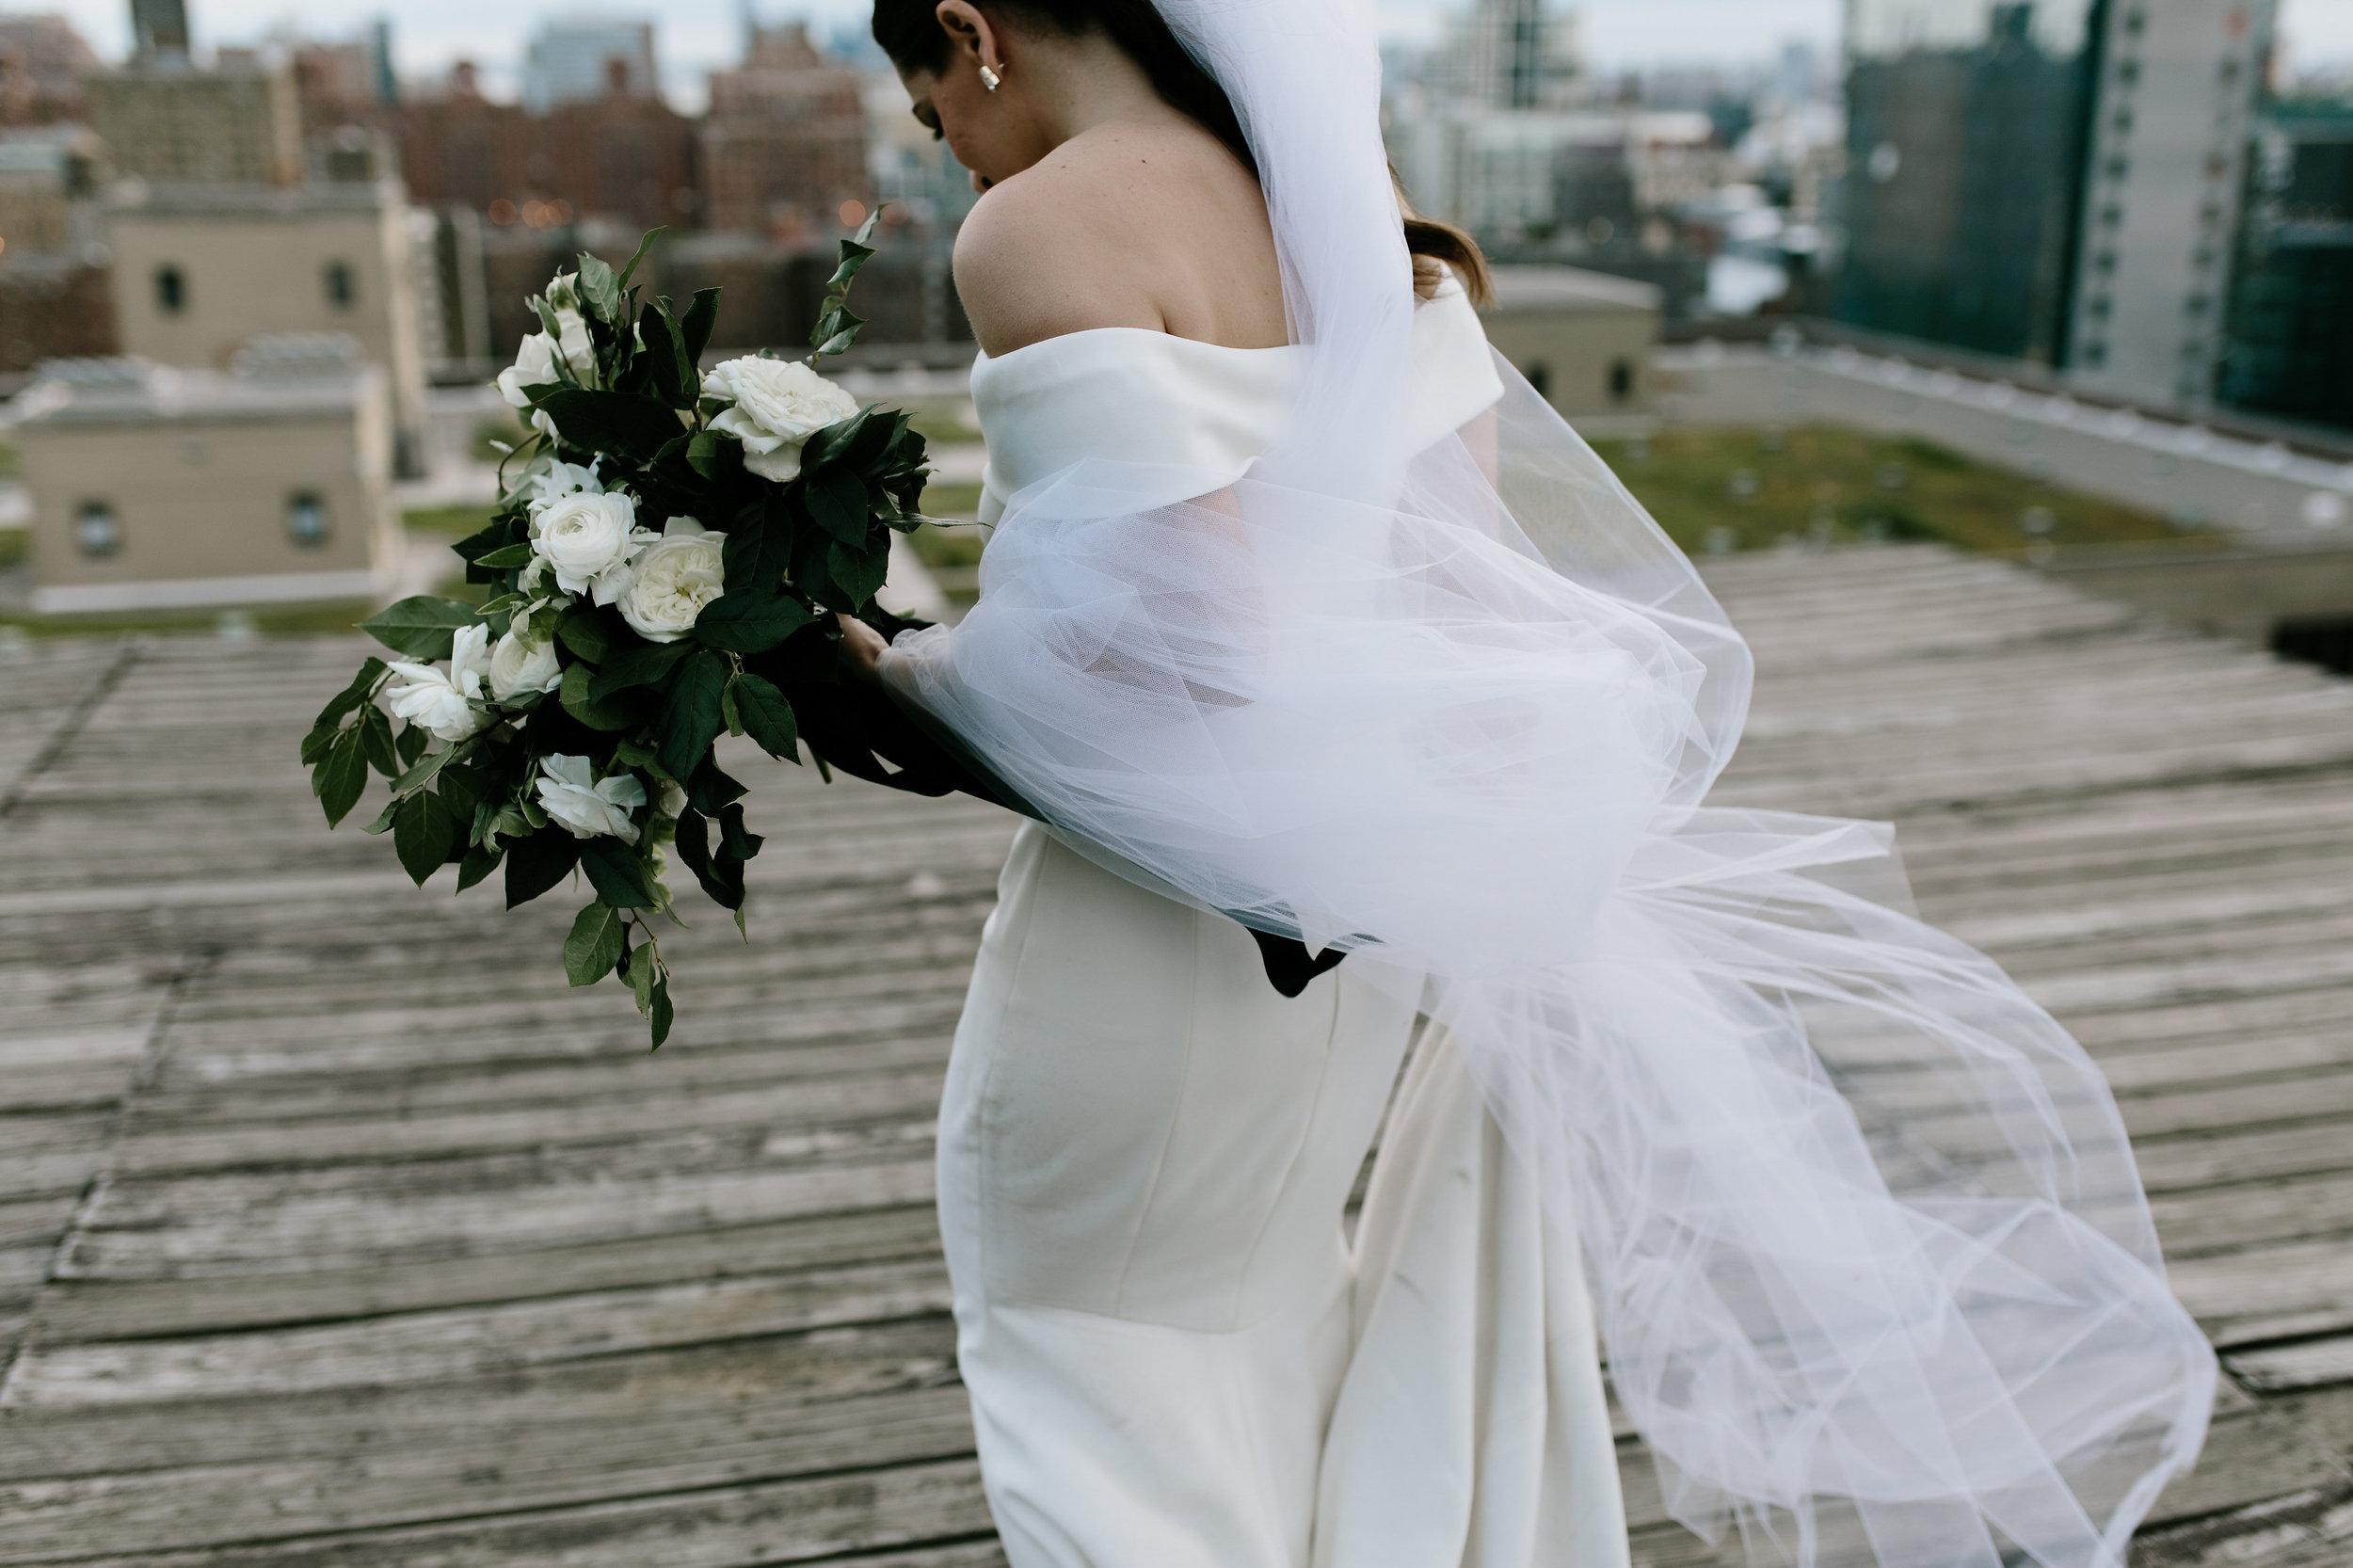 0731_megafactor_marries.jpg